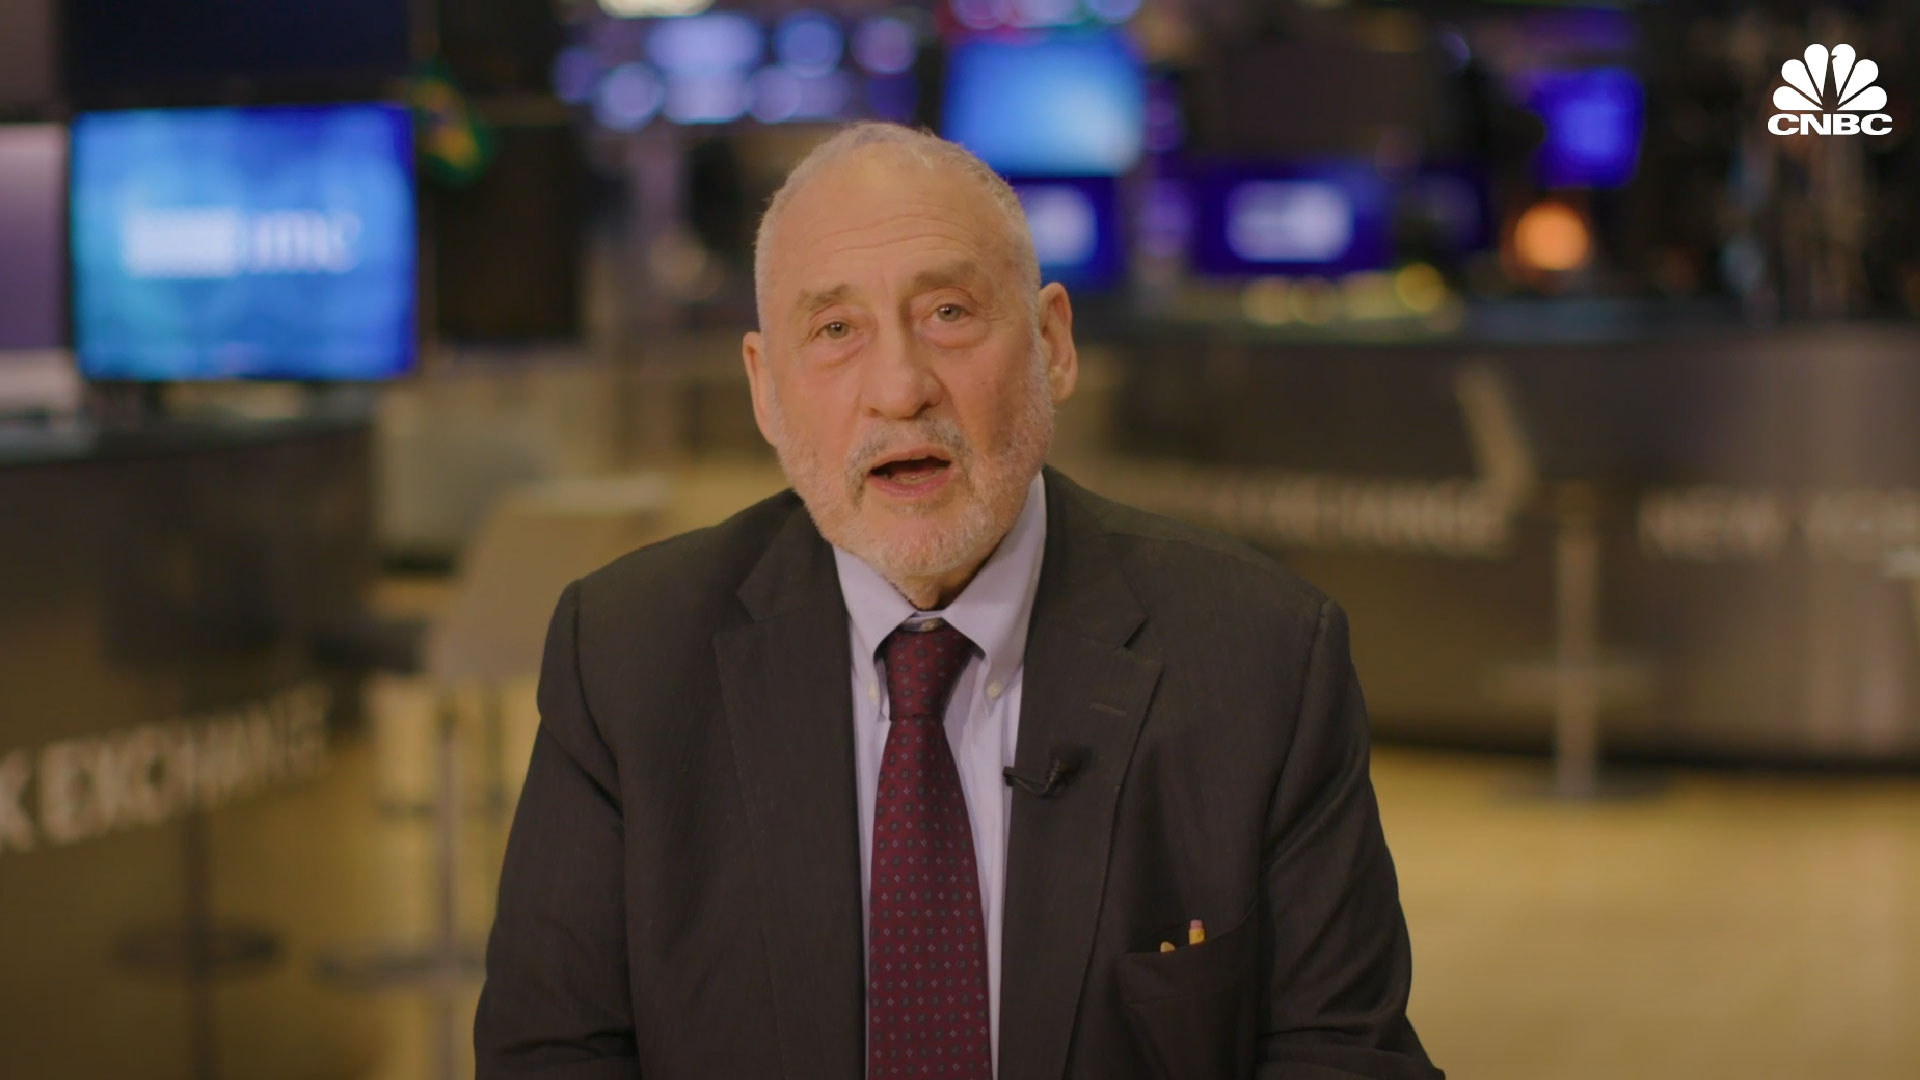 Economista Joseph Stiglitz: Las criptomonedas deberían cerrar